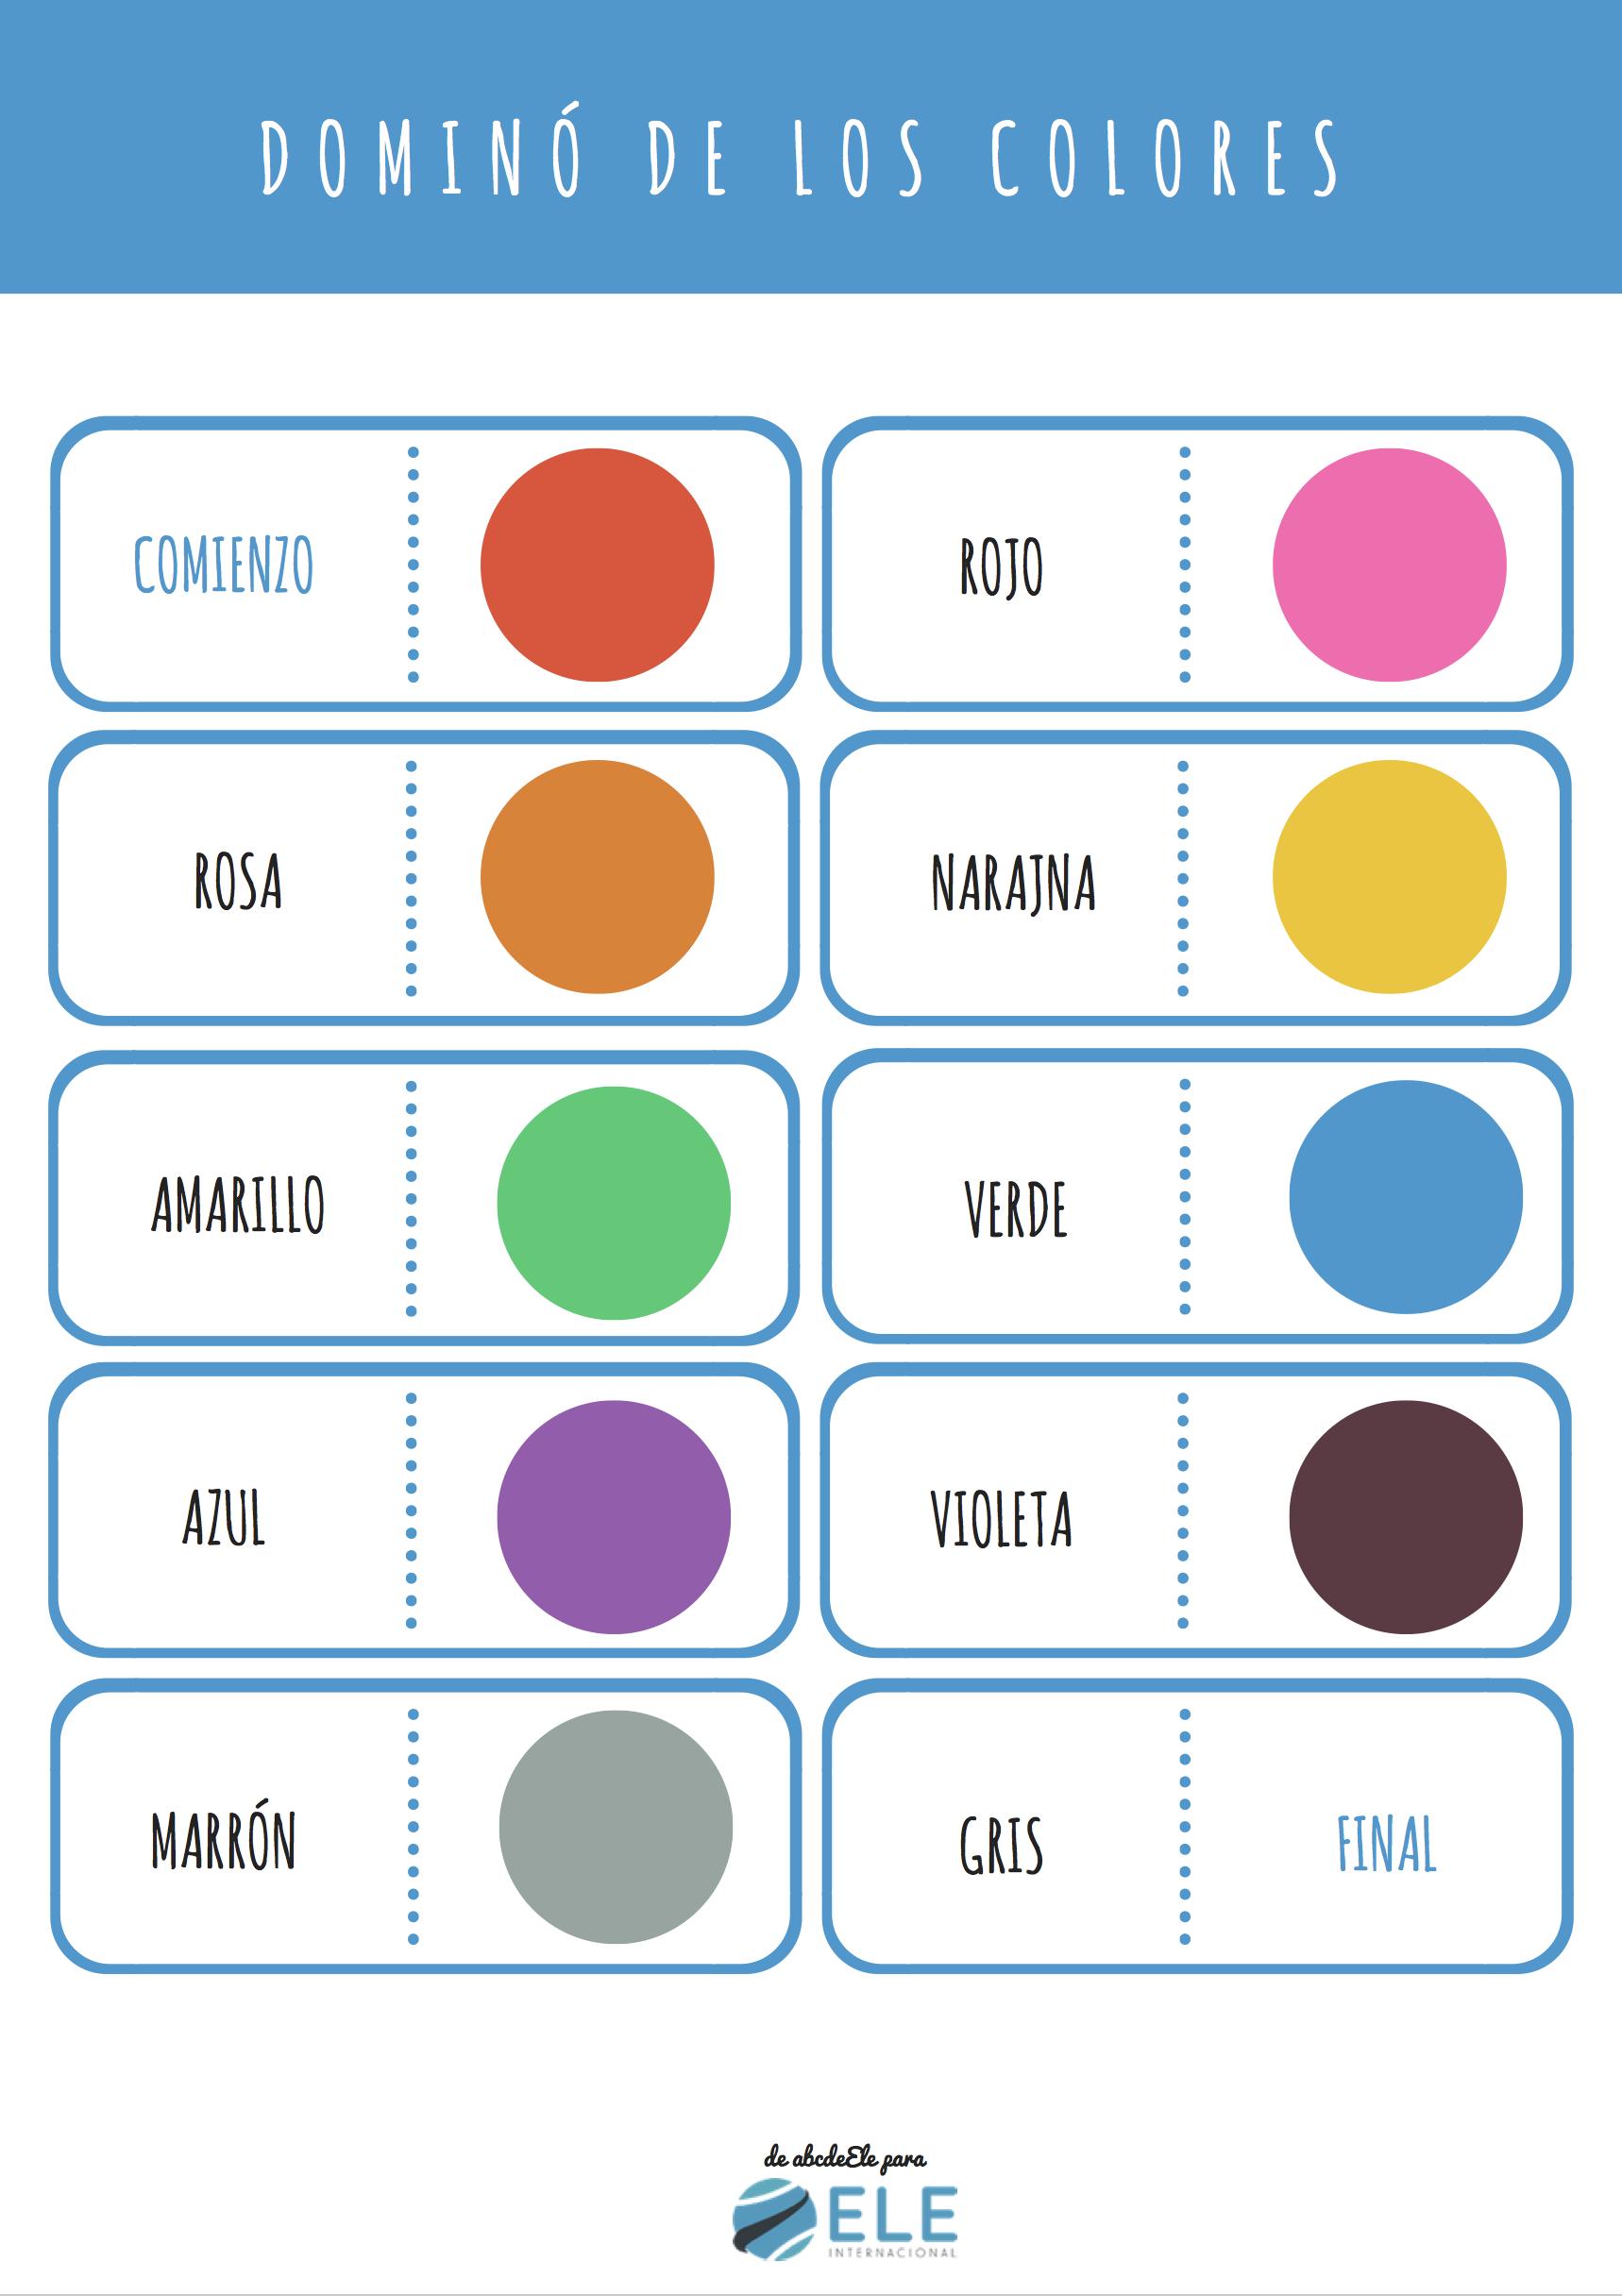 Los Colores En Espanol Colours In Spanish Domino Colors In